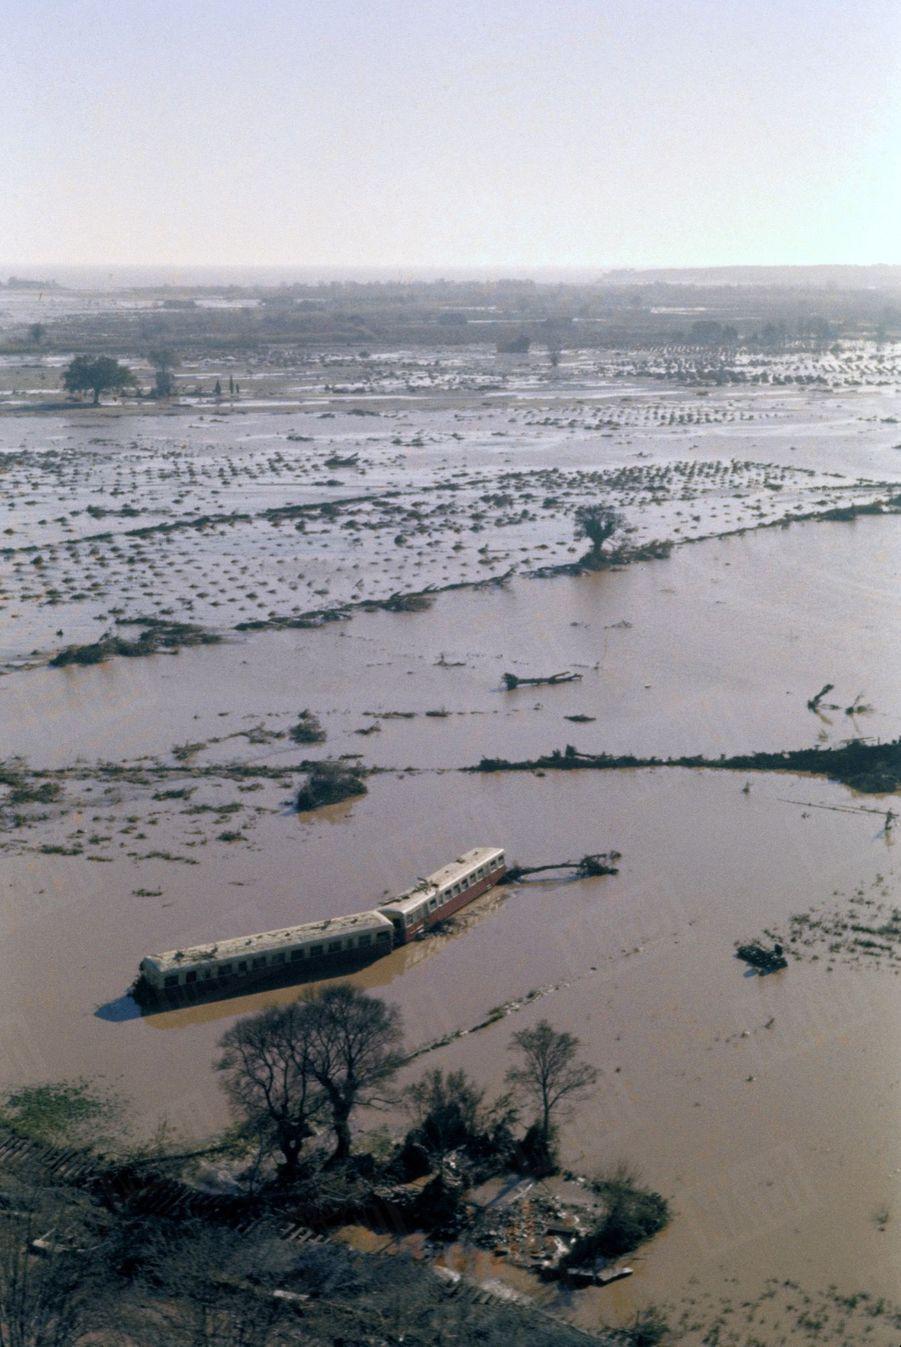 La rupture du barrage de Malpasset à Fréjus, qui a fait 423 morts le 2 décembre 1959.